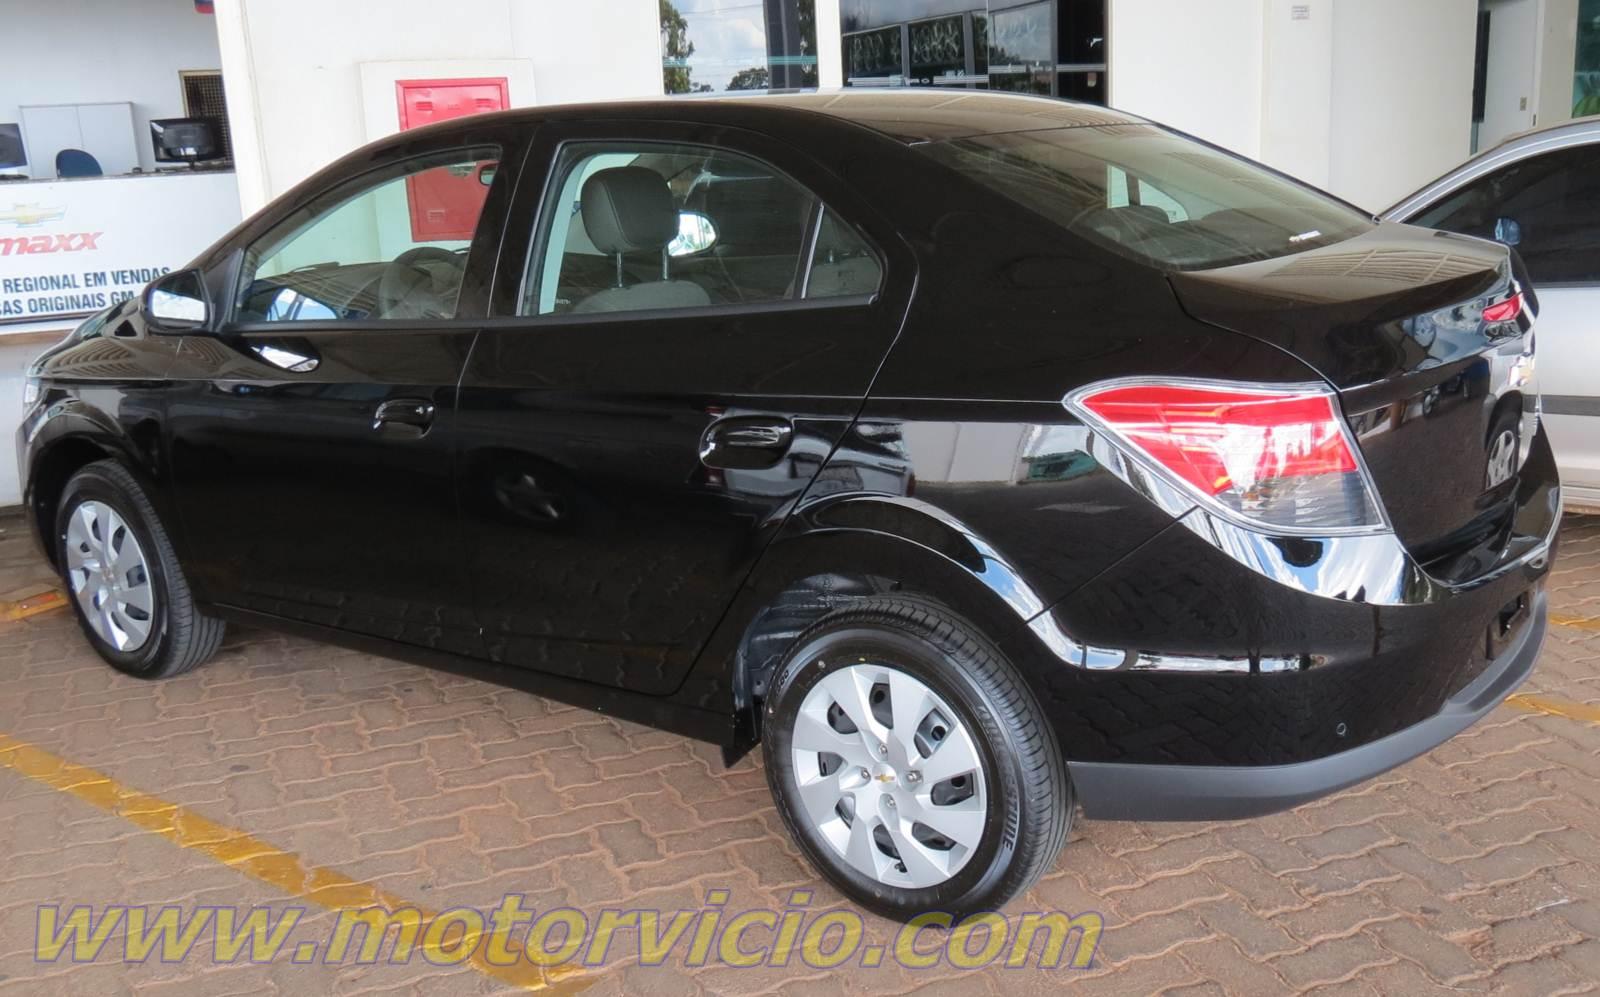 Carros Do Futuro >> Novo Chevrolet Prisma - Coluna Alta Roda - Cuidar do Futuro   Motor Vício